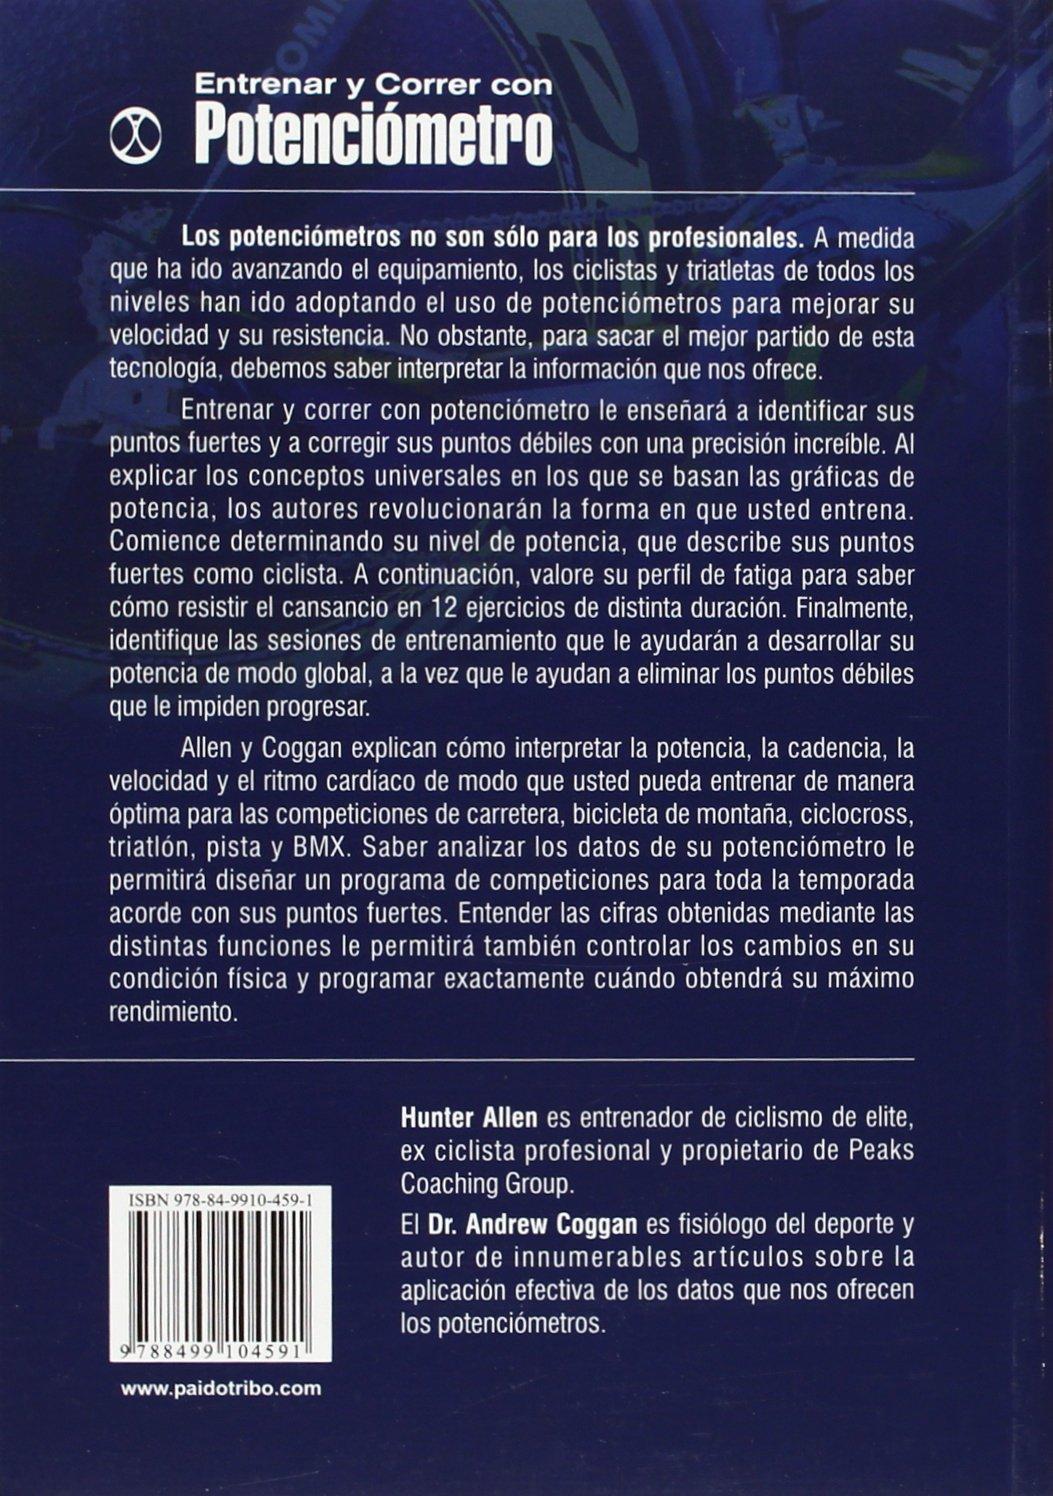 Entrenar y correr con potenciómetro (Spanish Edition): Hunter Allen ...